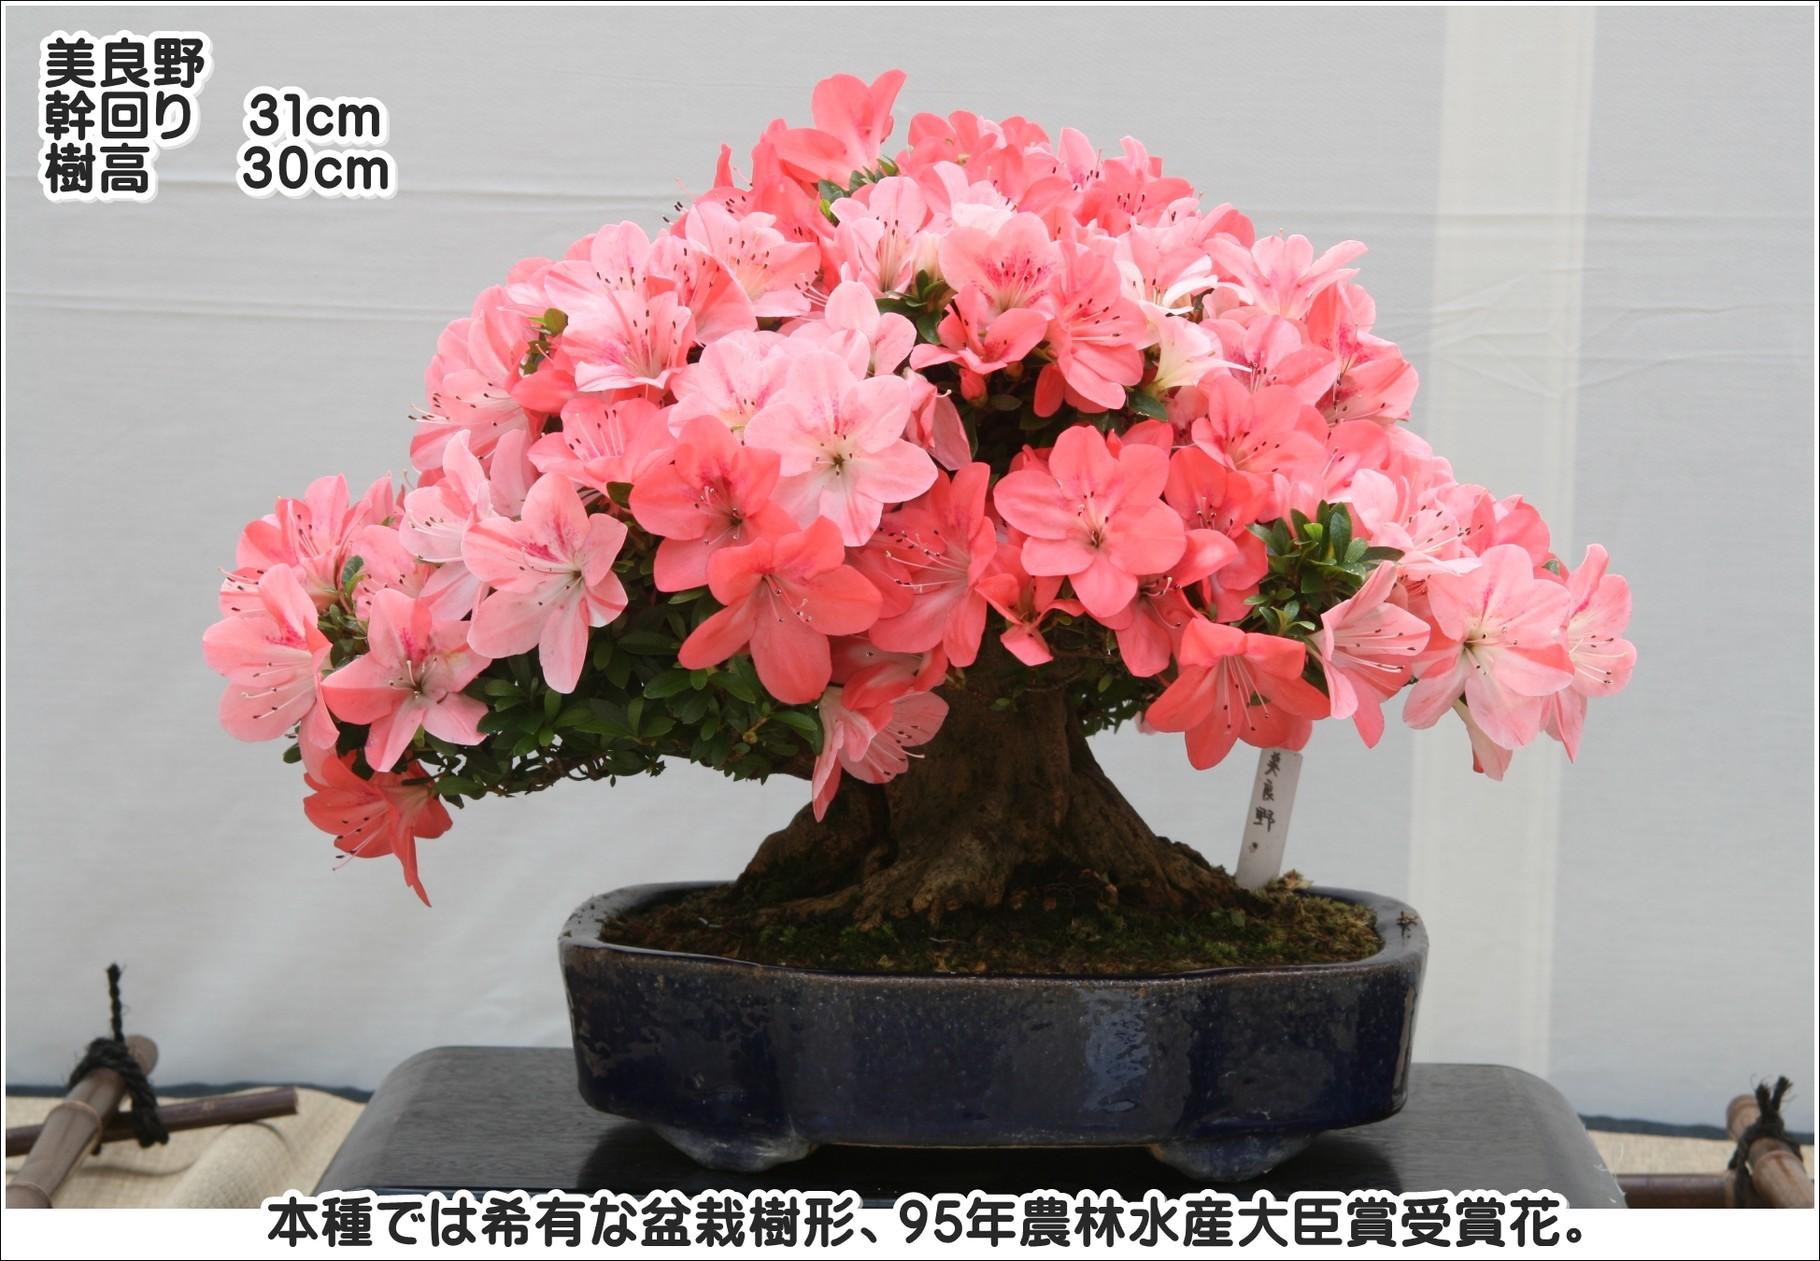 本種では稀有な盆栽樹形、95年農林水産大臣賞受賞花。